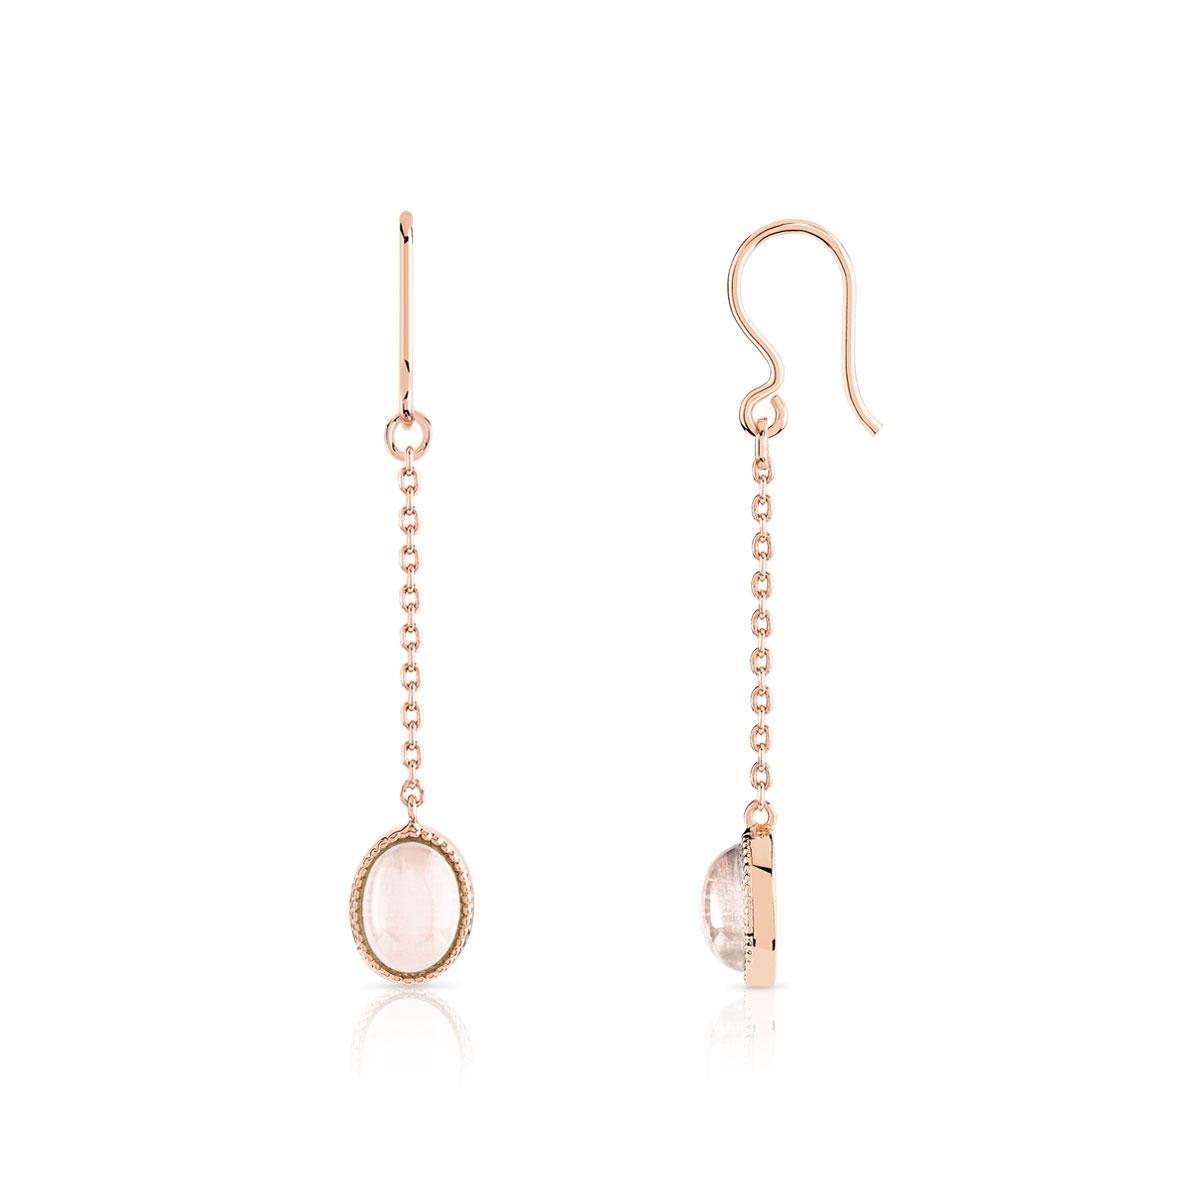 prix raisonnable nouvelles variétés choisir l'original Boucles d'oreilles plaqué or rose quartz